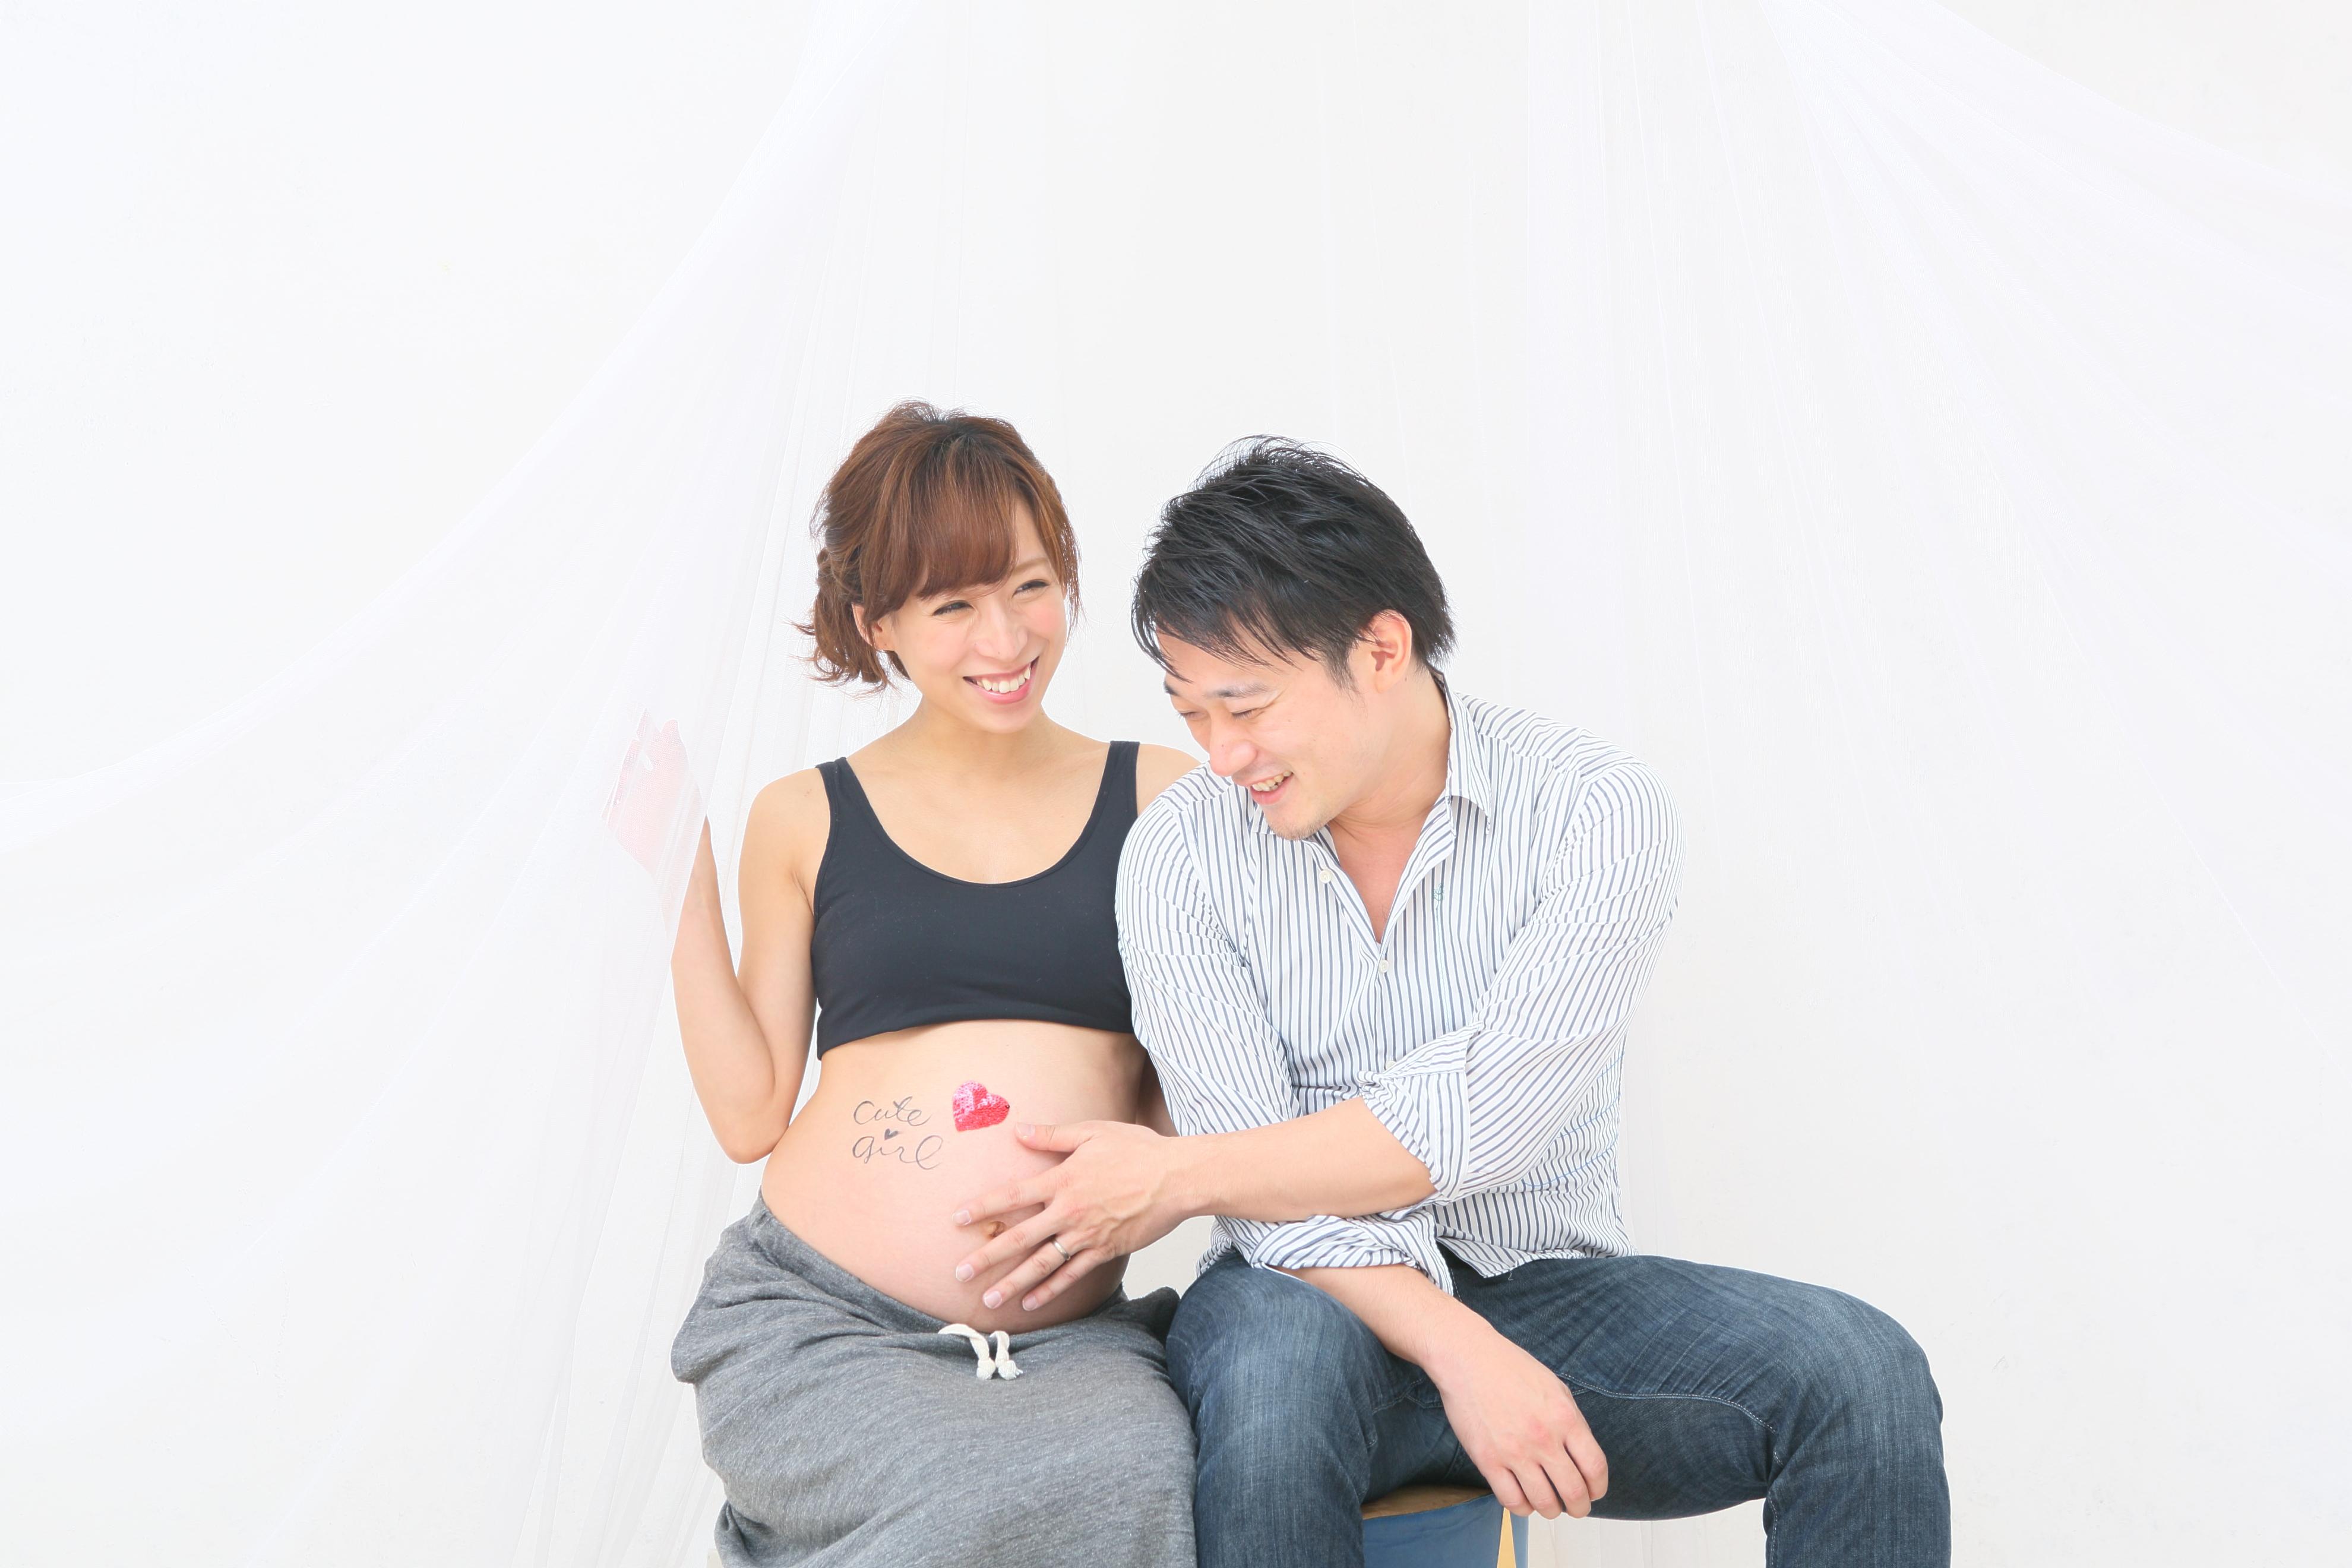 【実録】ソフロロジー出産成功したよ!私の出産レポをセキララにお届け!